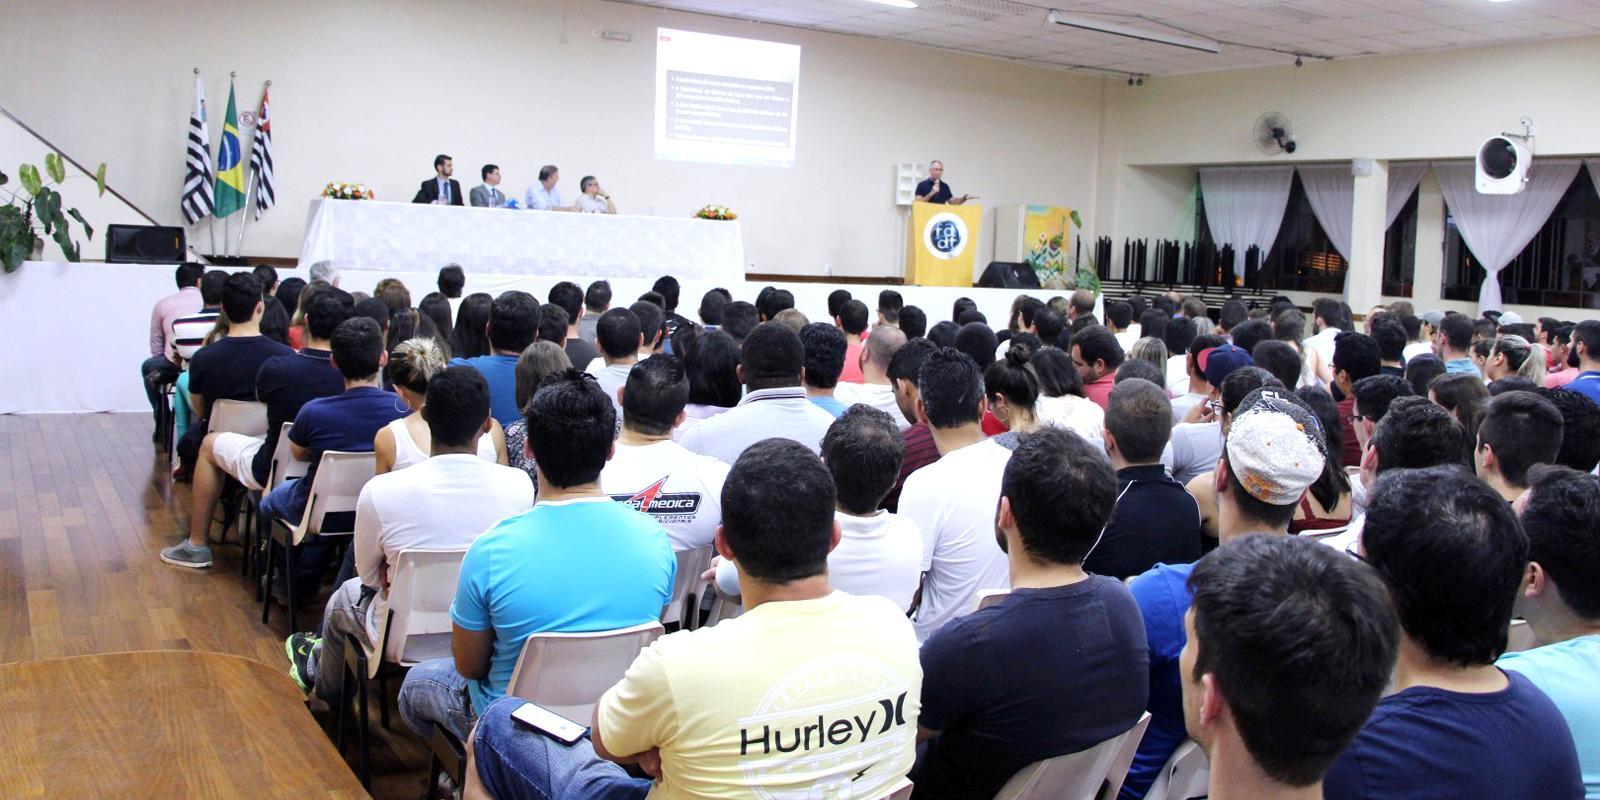 Semana das Engenharias reúne palestras e competições técnicas dos cursos